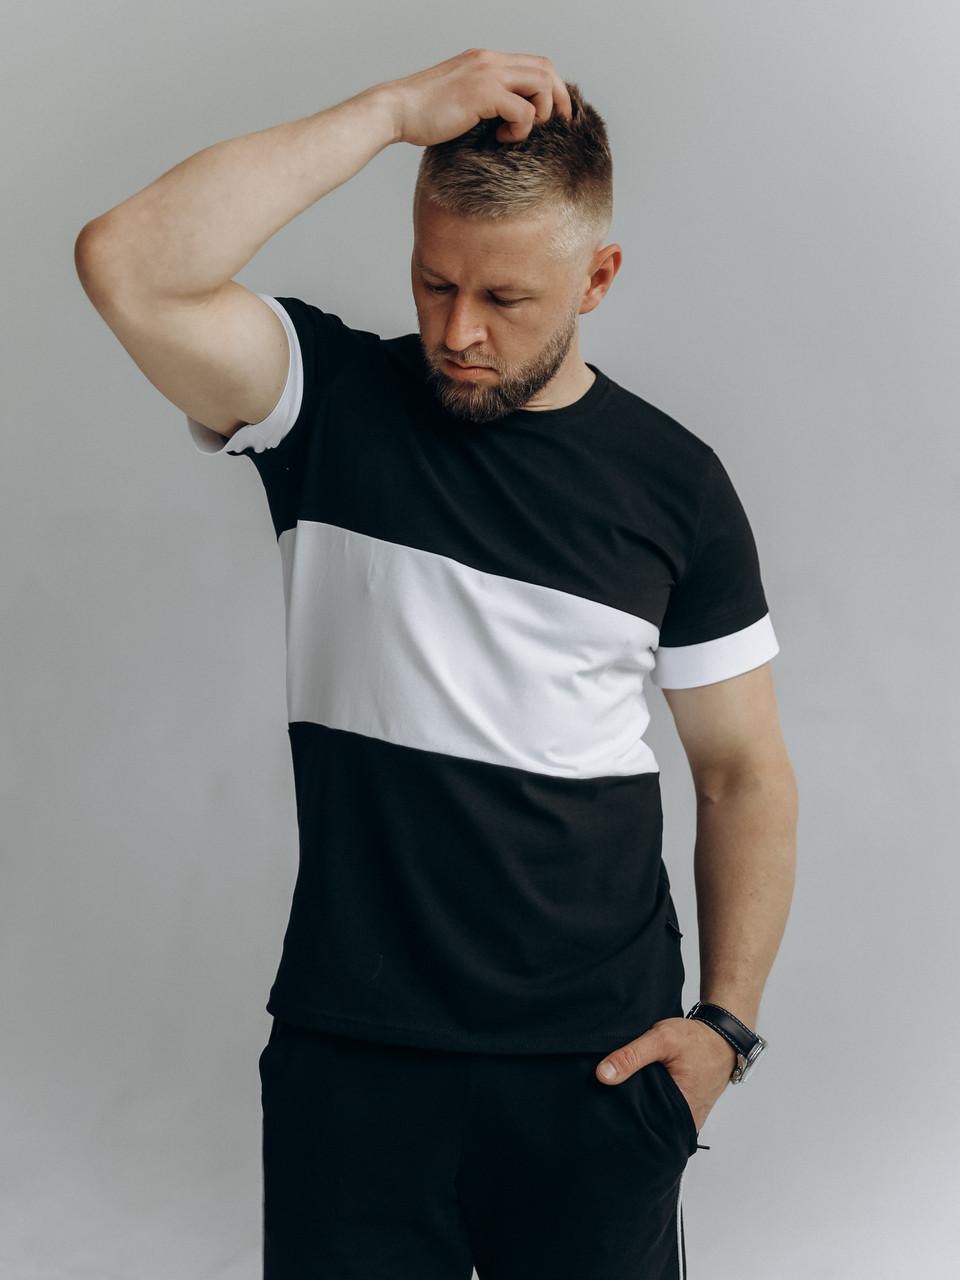 Чоловіча футболка двоколірна з 100% бавовни / Якісна стильна однотонна чоловіча футболка з принтом